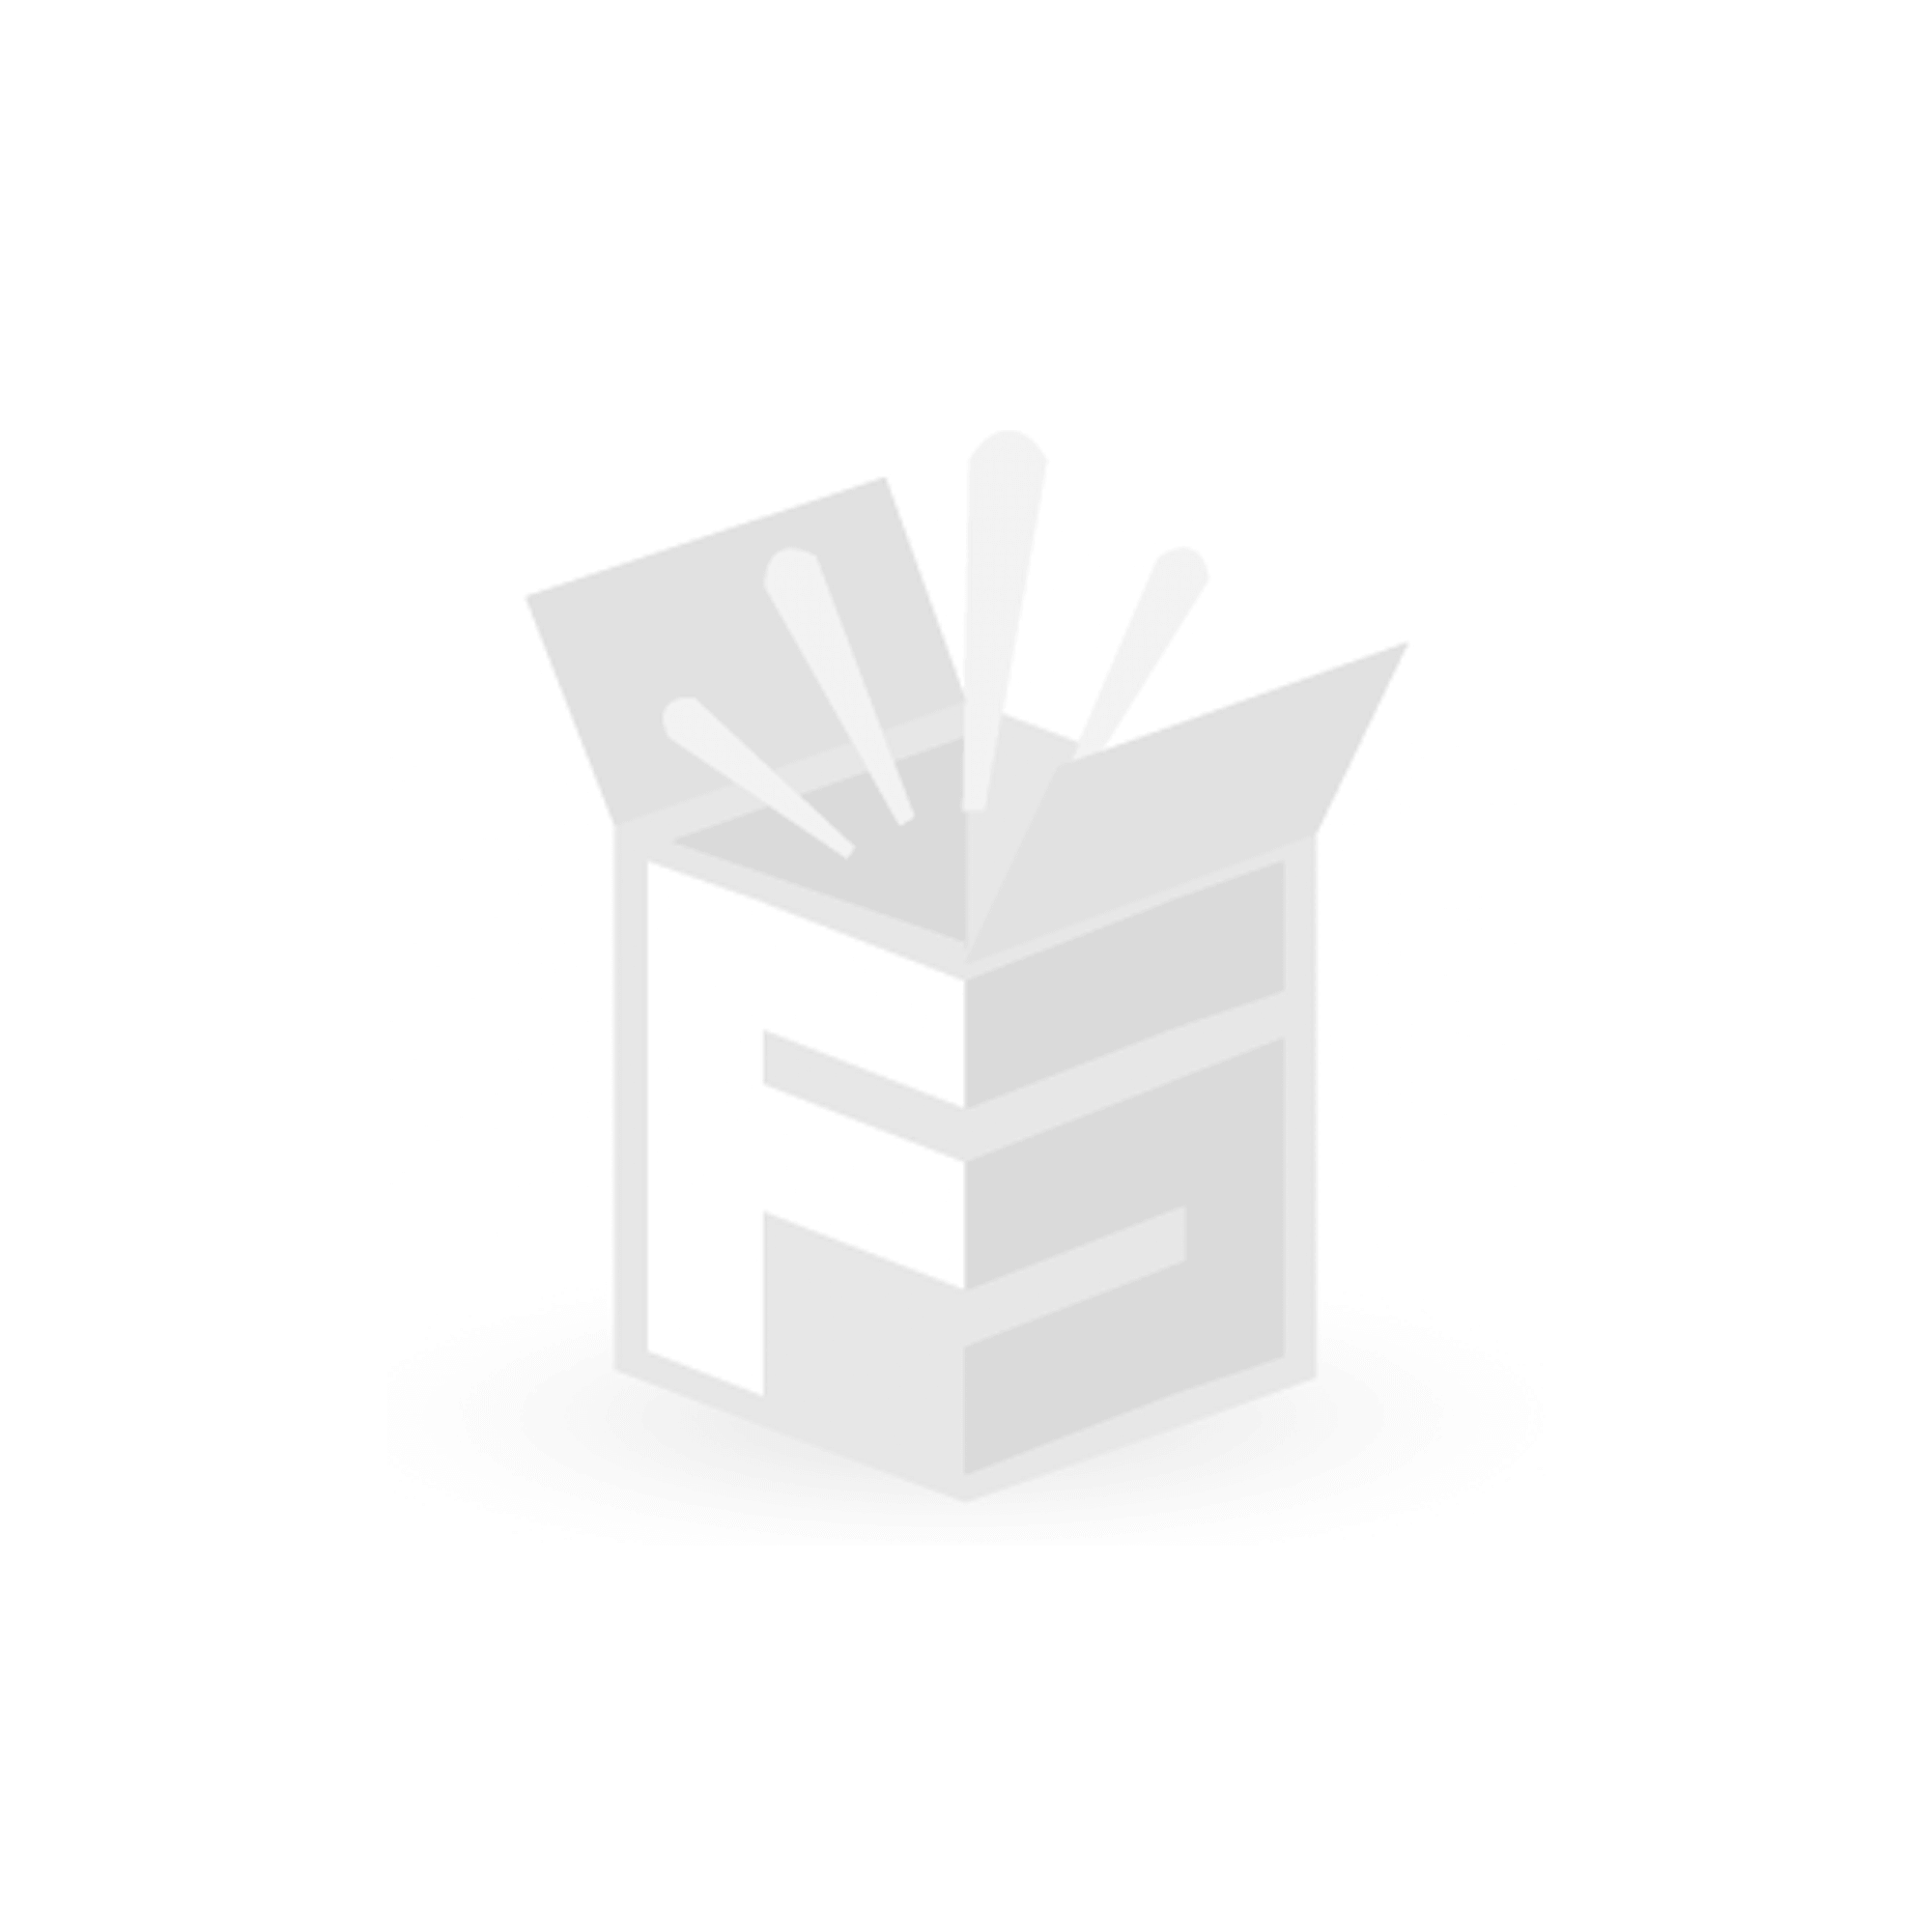 Bosch 5-Tool-Set GOP/GSR/GSA/GLI/GDR, 3x 2.0 Ah, inkl. Koffer